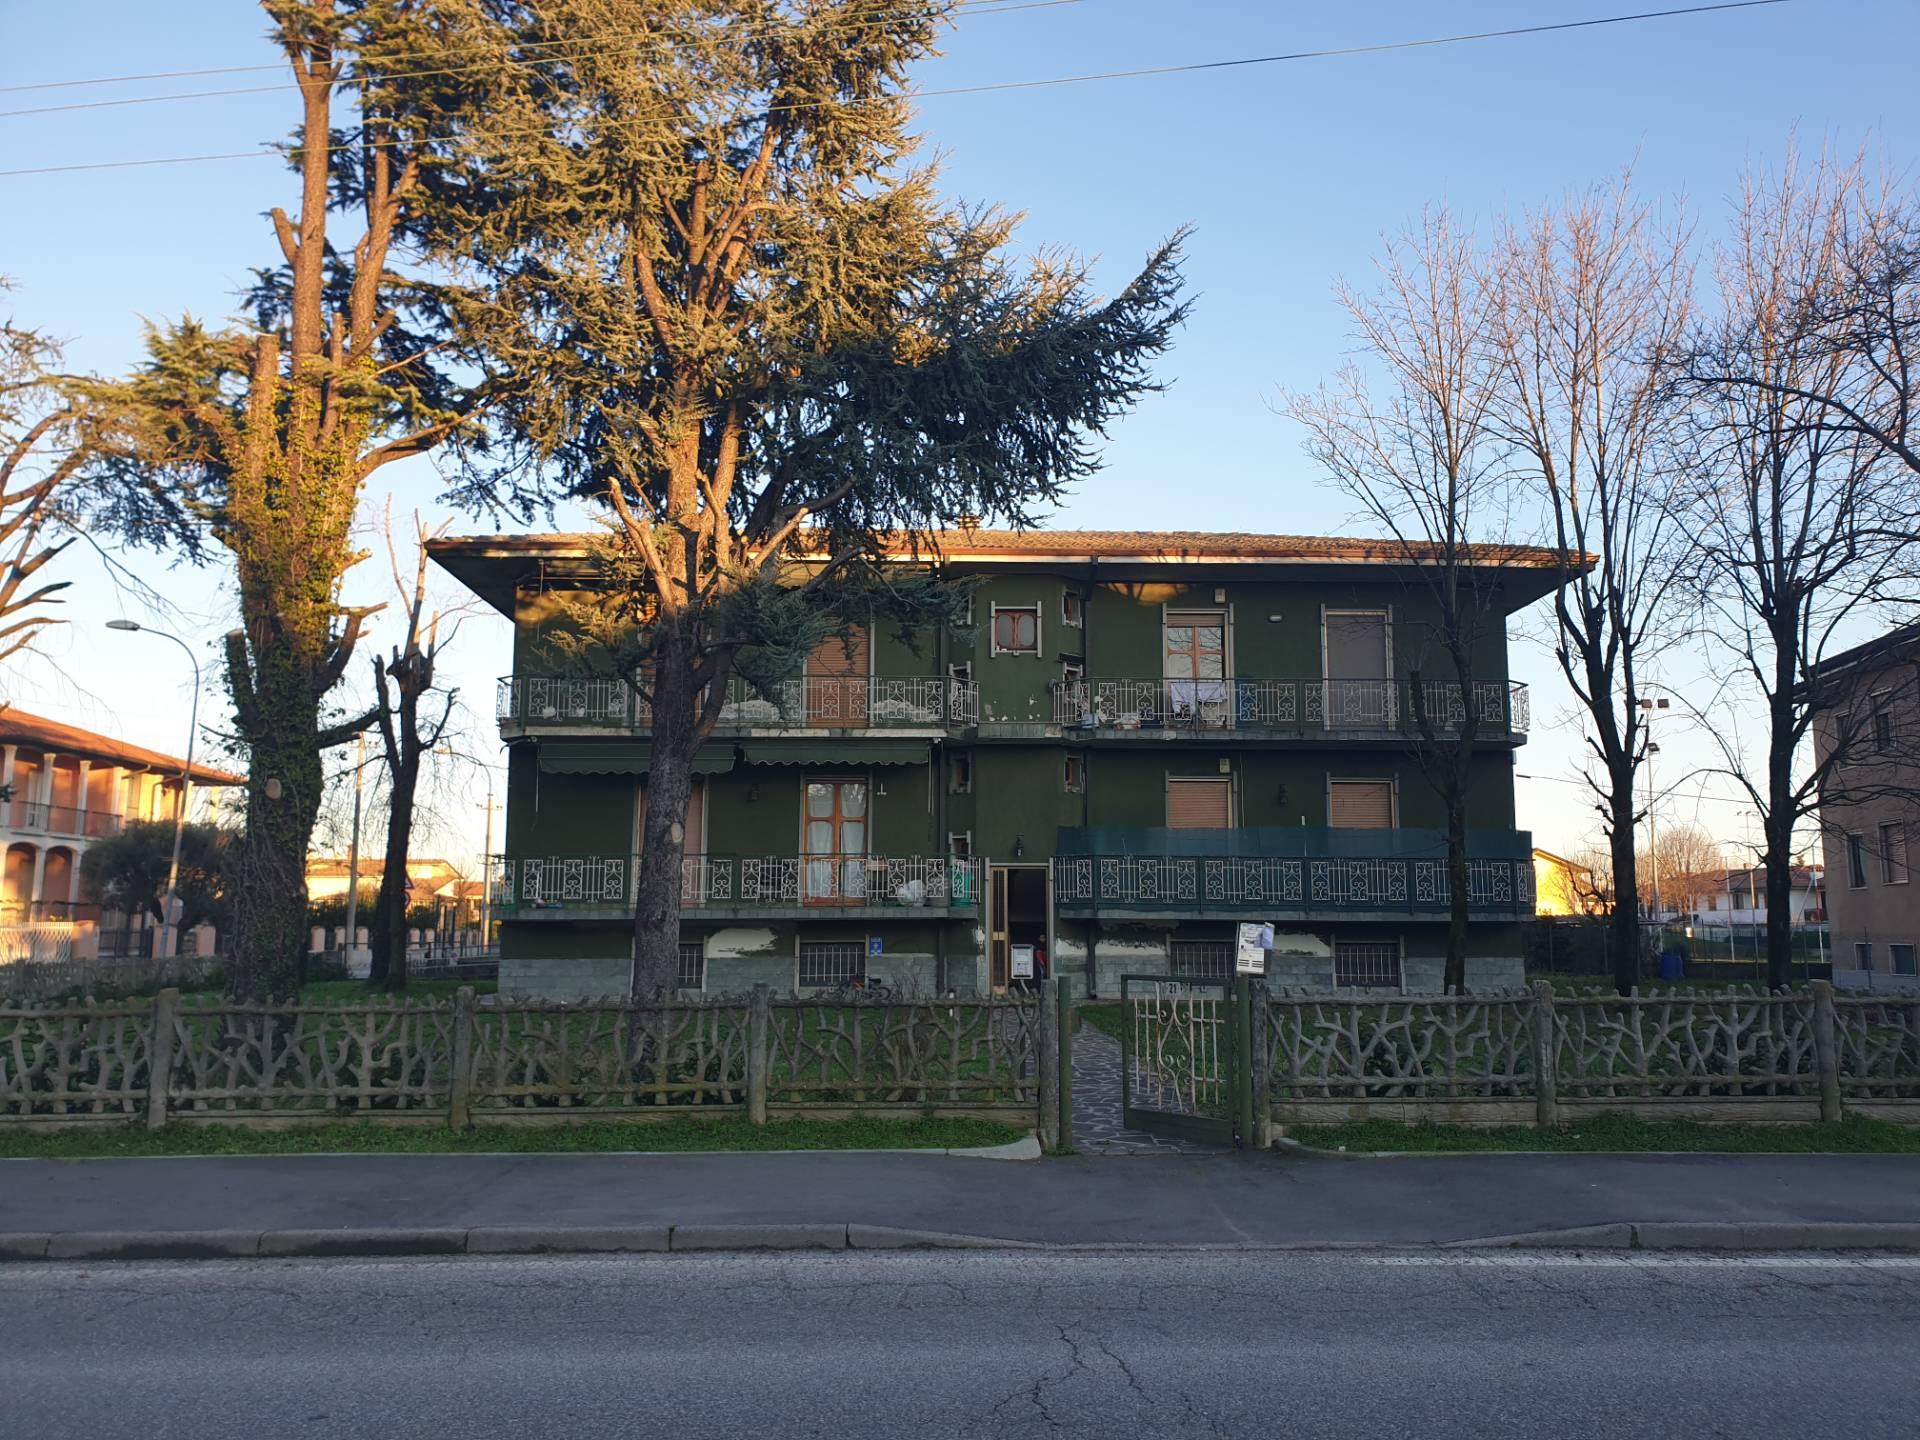 Appartamento in vendita a Martinengo, 4 locali, prezzo € 62.500 | PortaleAgenzieImmobiliari.it